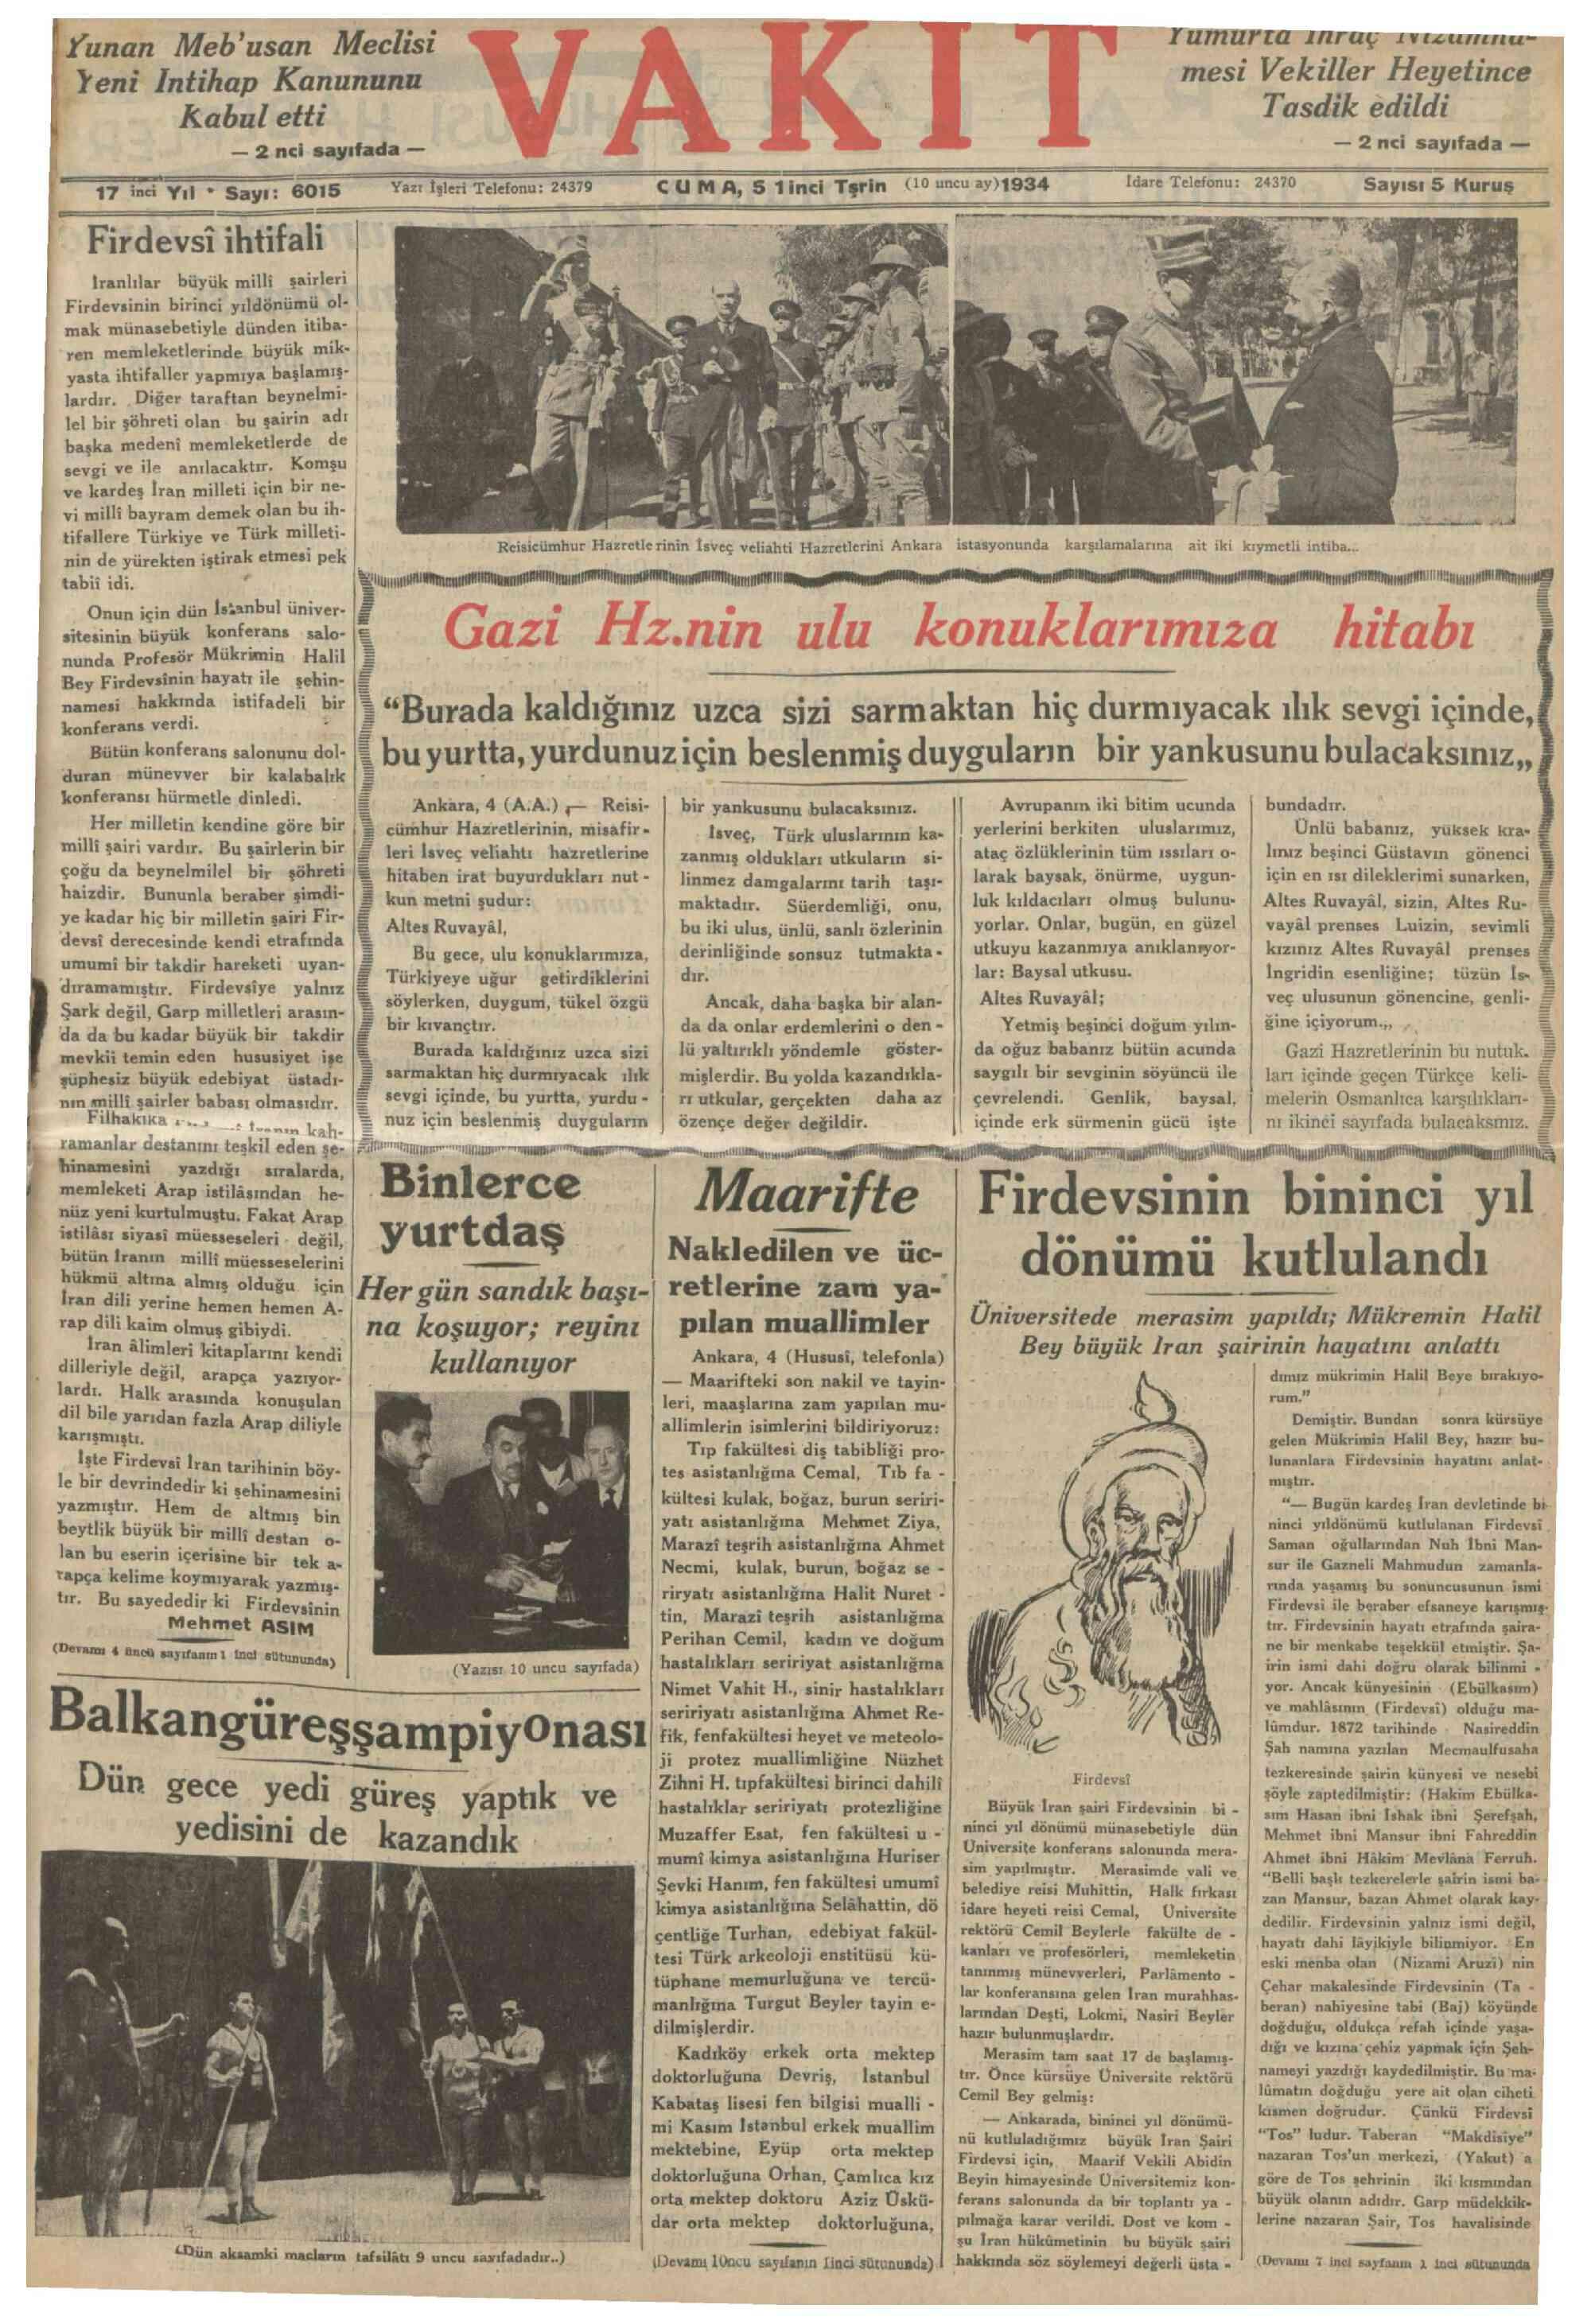 5 Ekim 1934 Tarihli Vakit Dergisi Sayfa 1